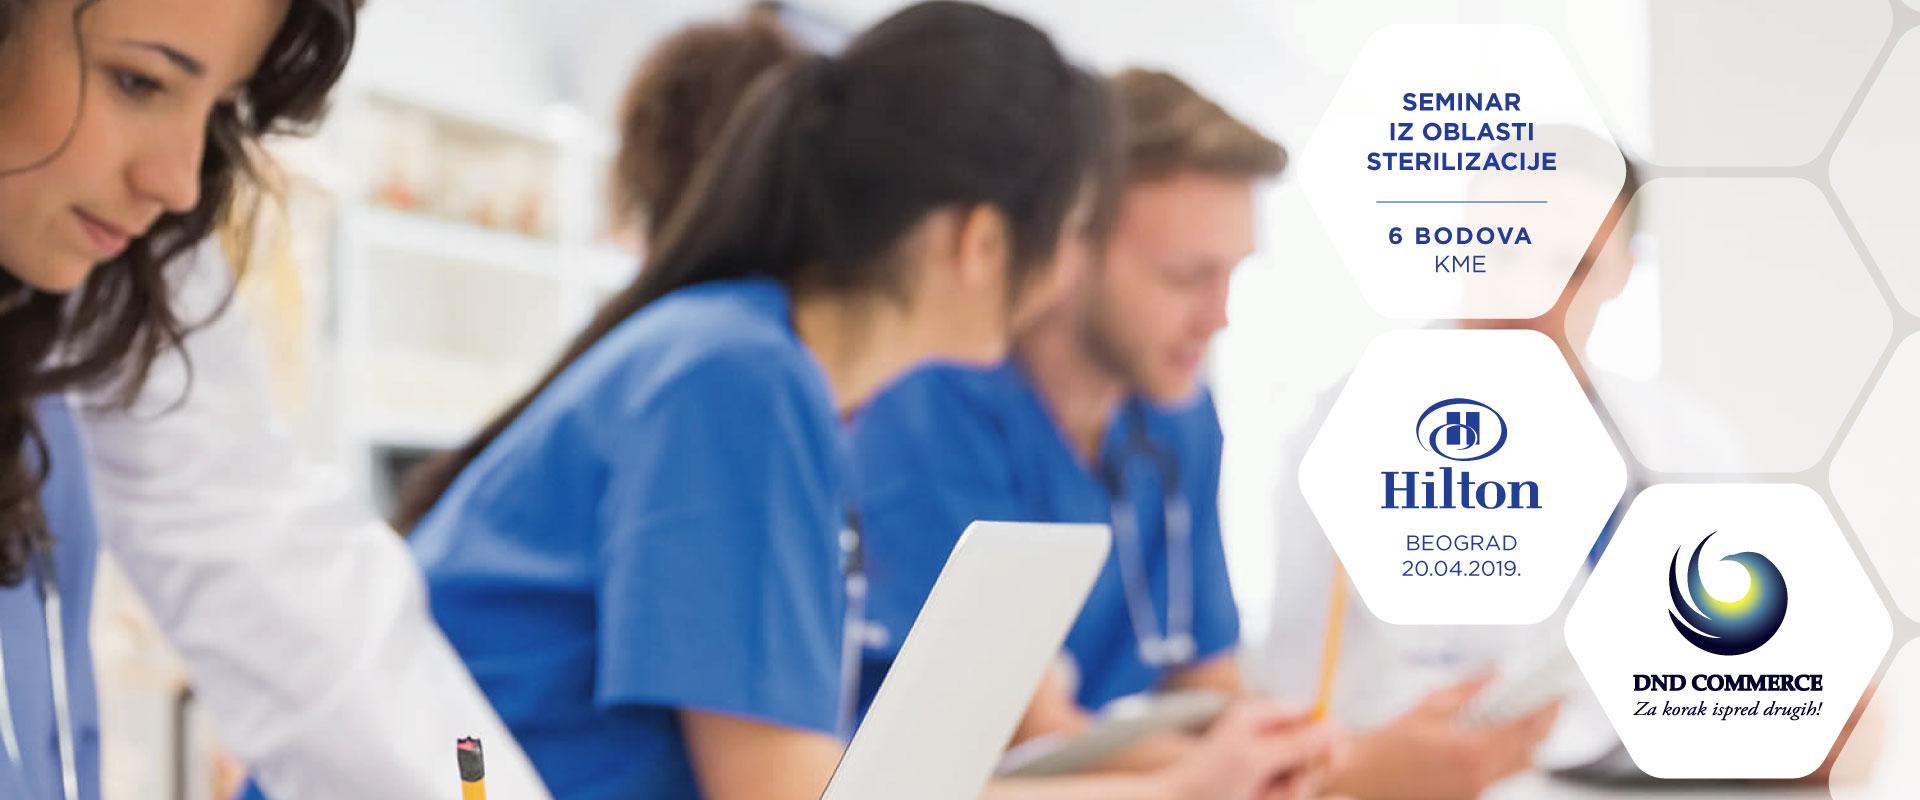 Zvanični program seminara: Značaj i prednost savremene tehnologije u procesu sterilizacije medicinskih instrumenata